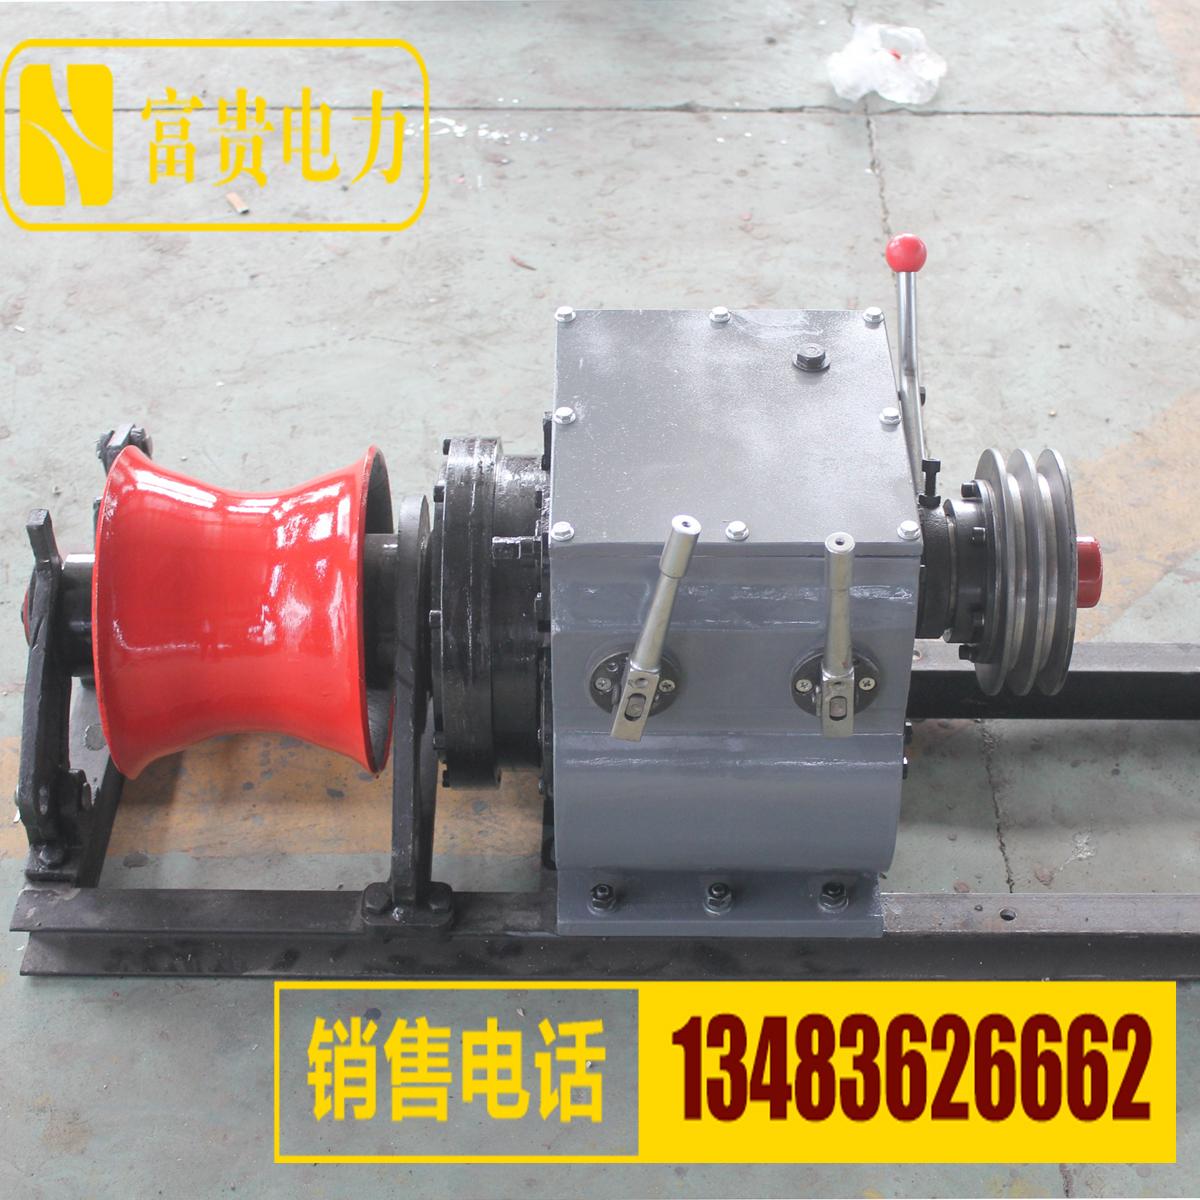 8噸無動力機動絞磨機 8T電力牽引機 無動力柴油發動機 雙變速箱